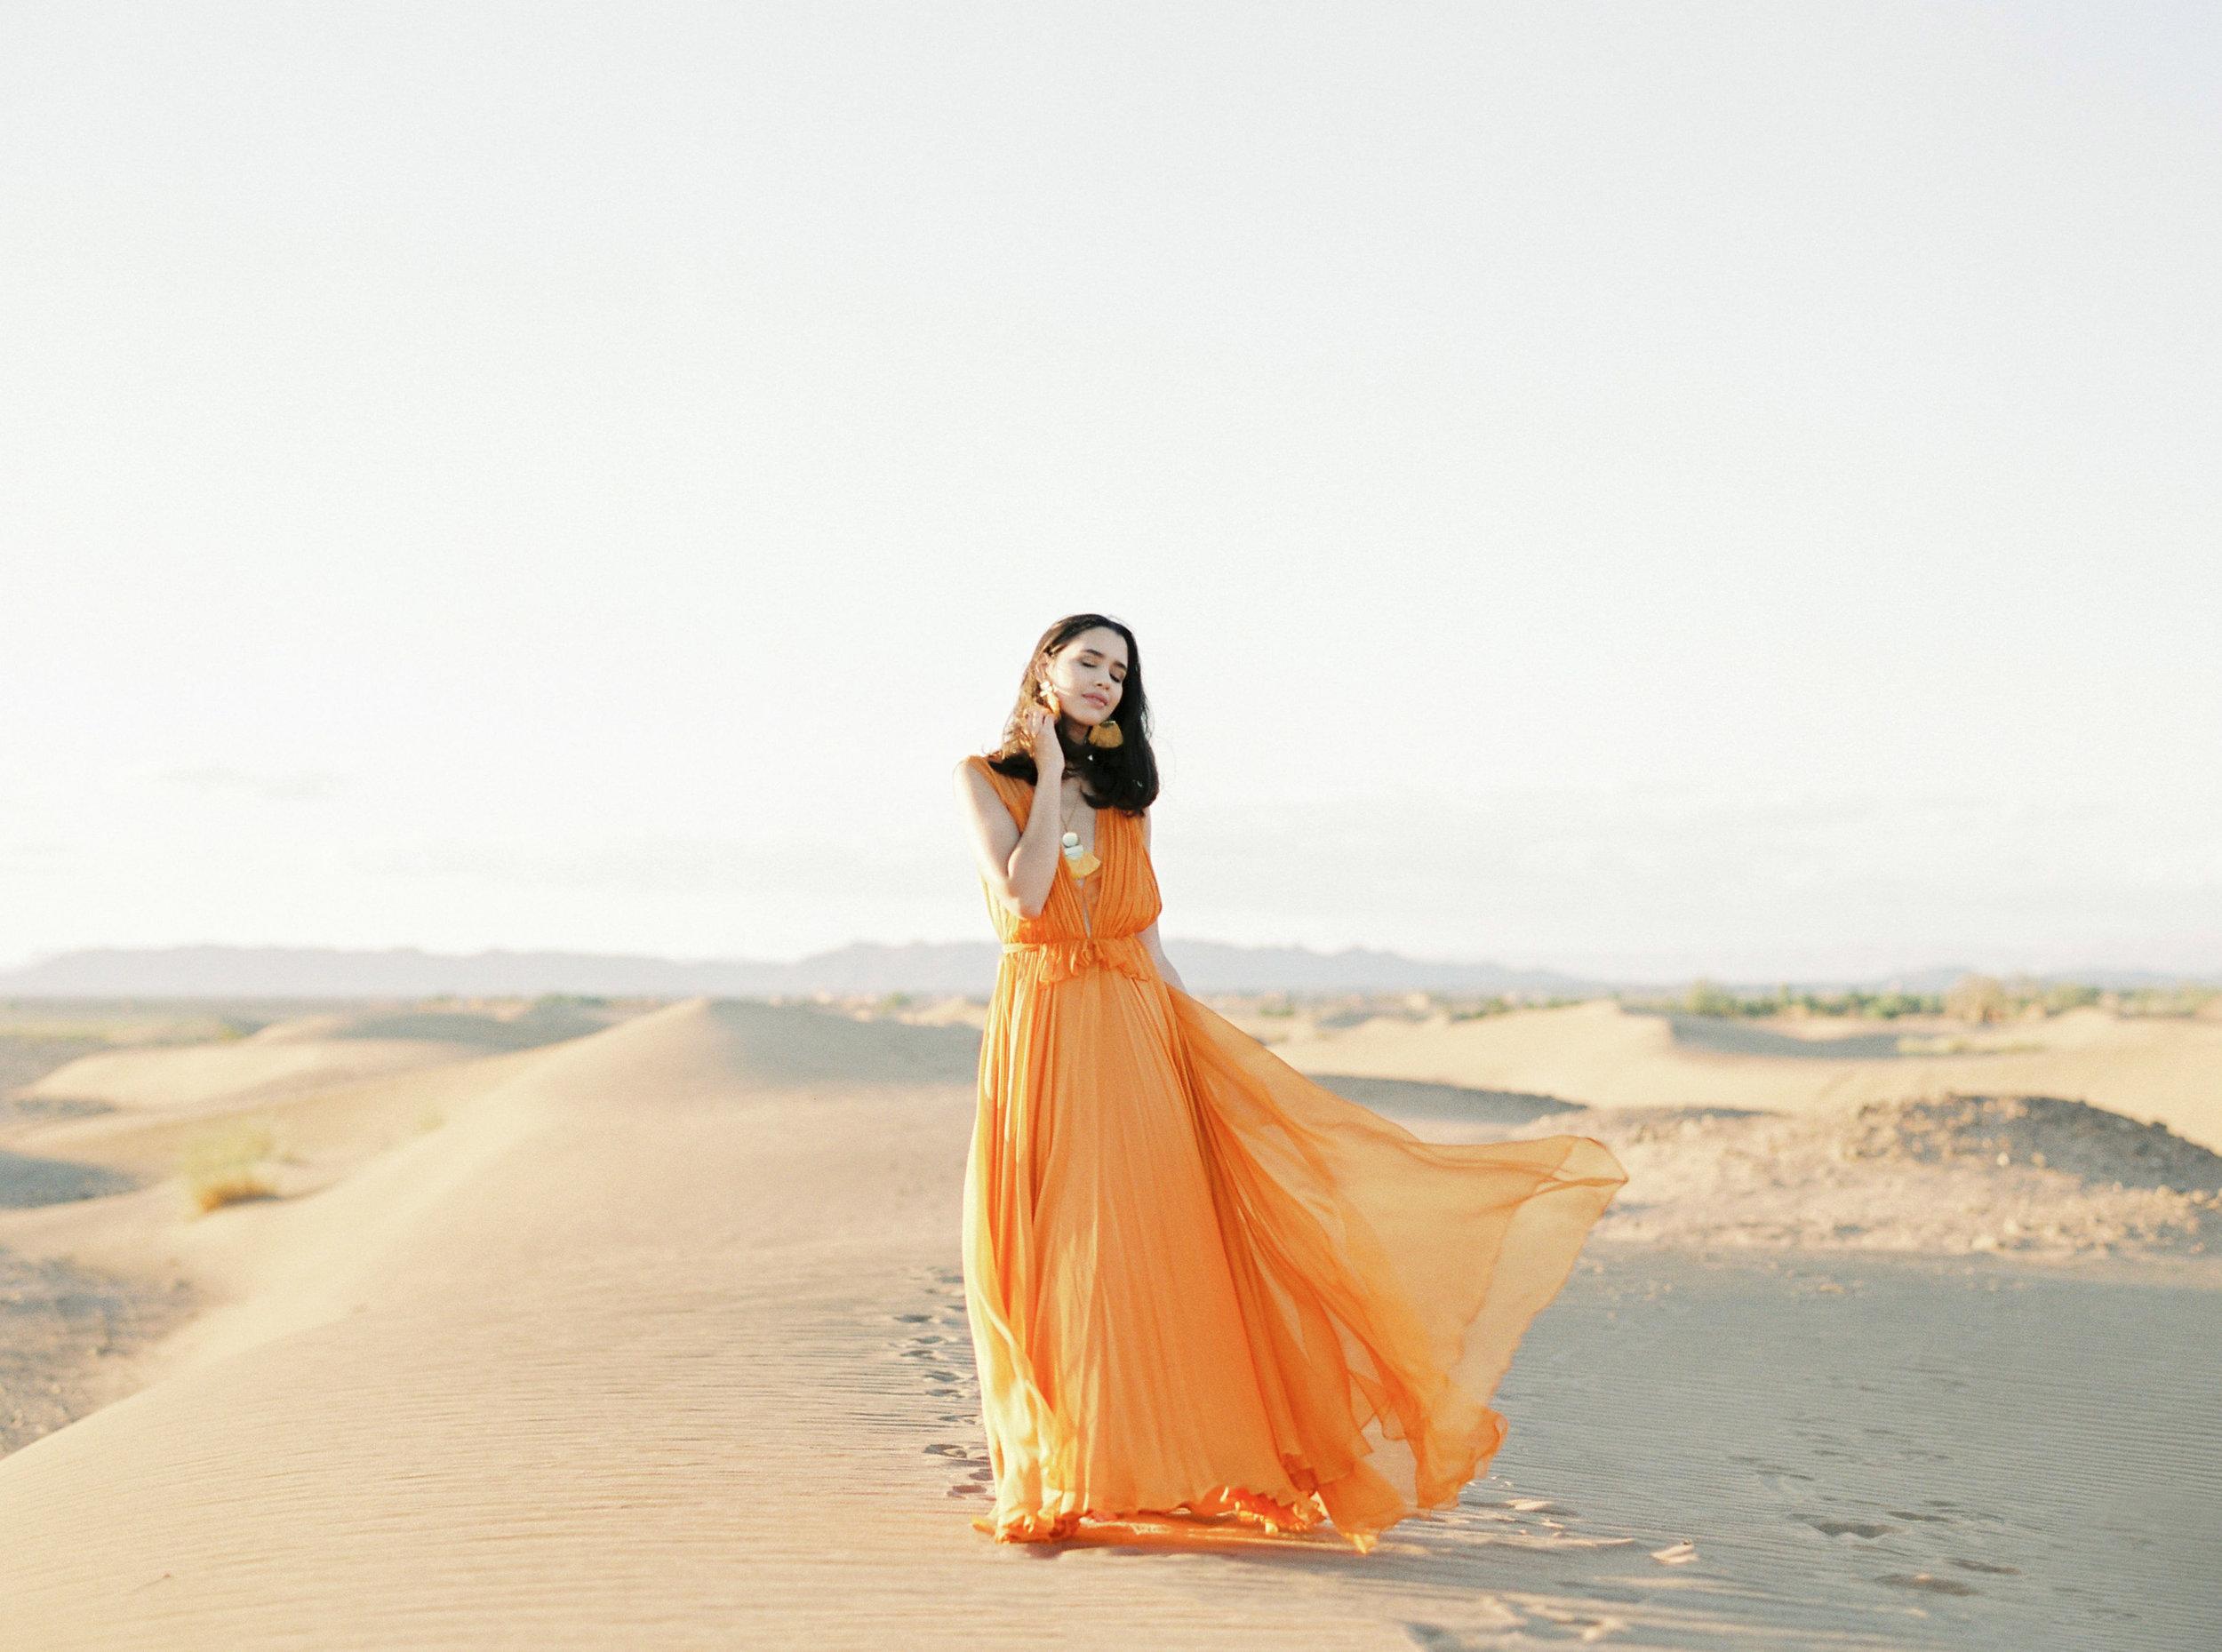 RominaSchischkeweddingphotography-HeaderImage-37.jpg